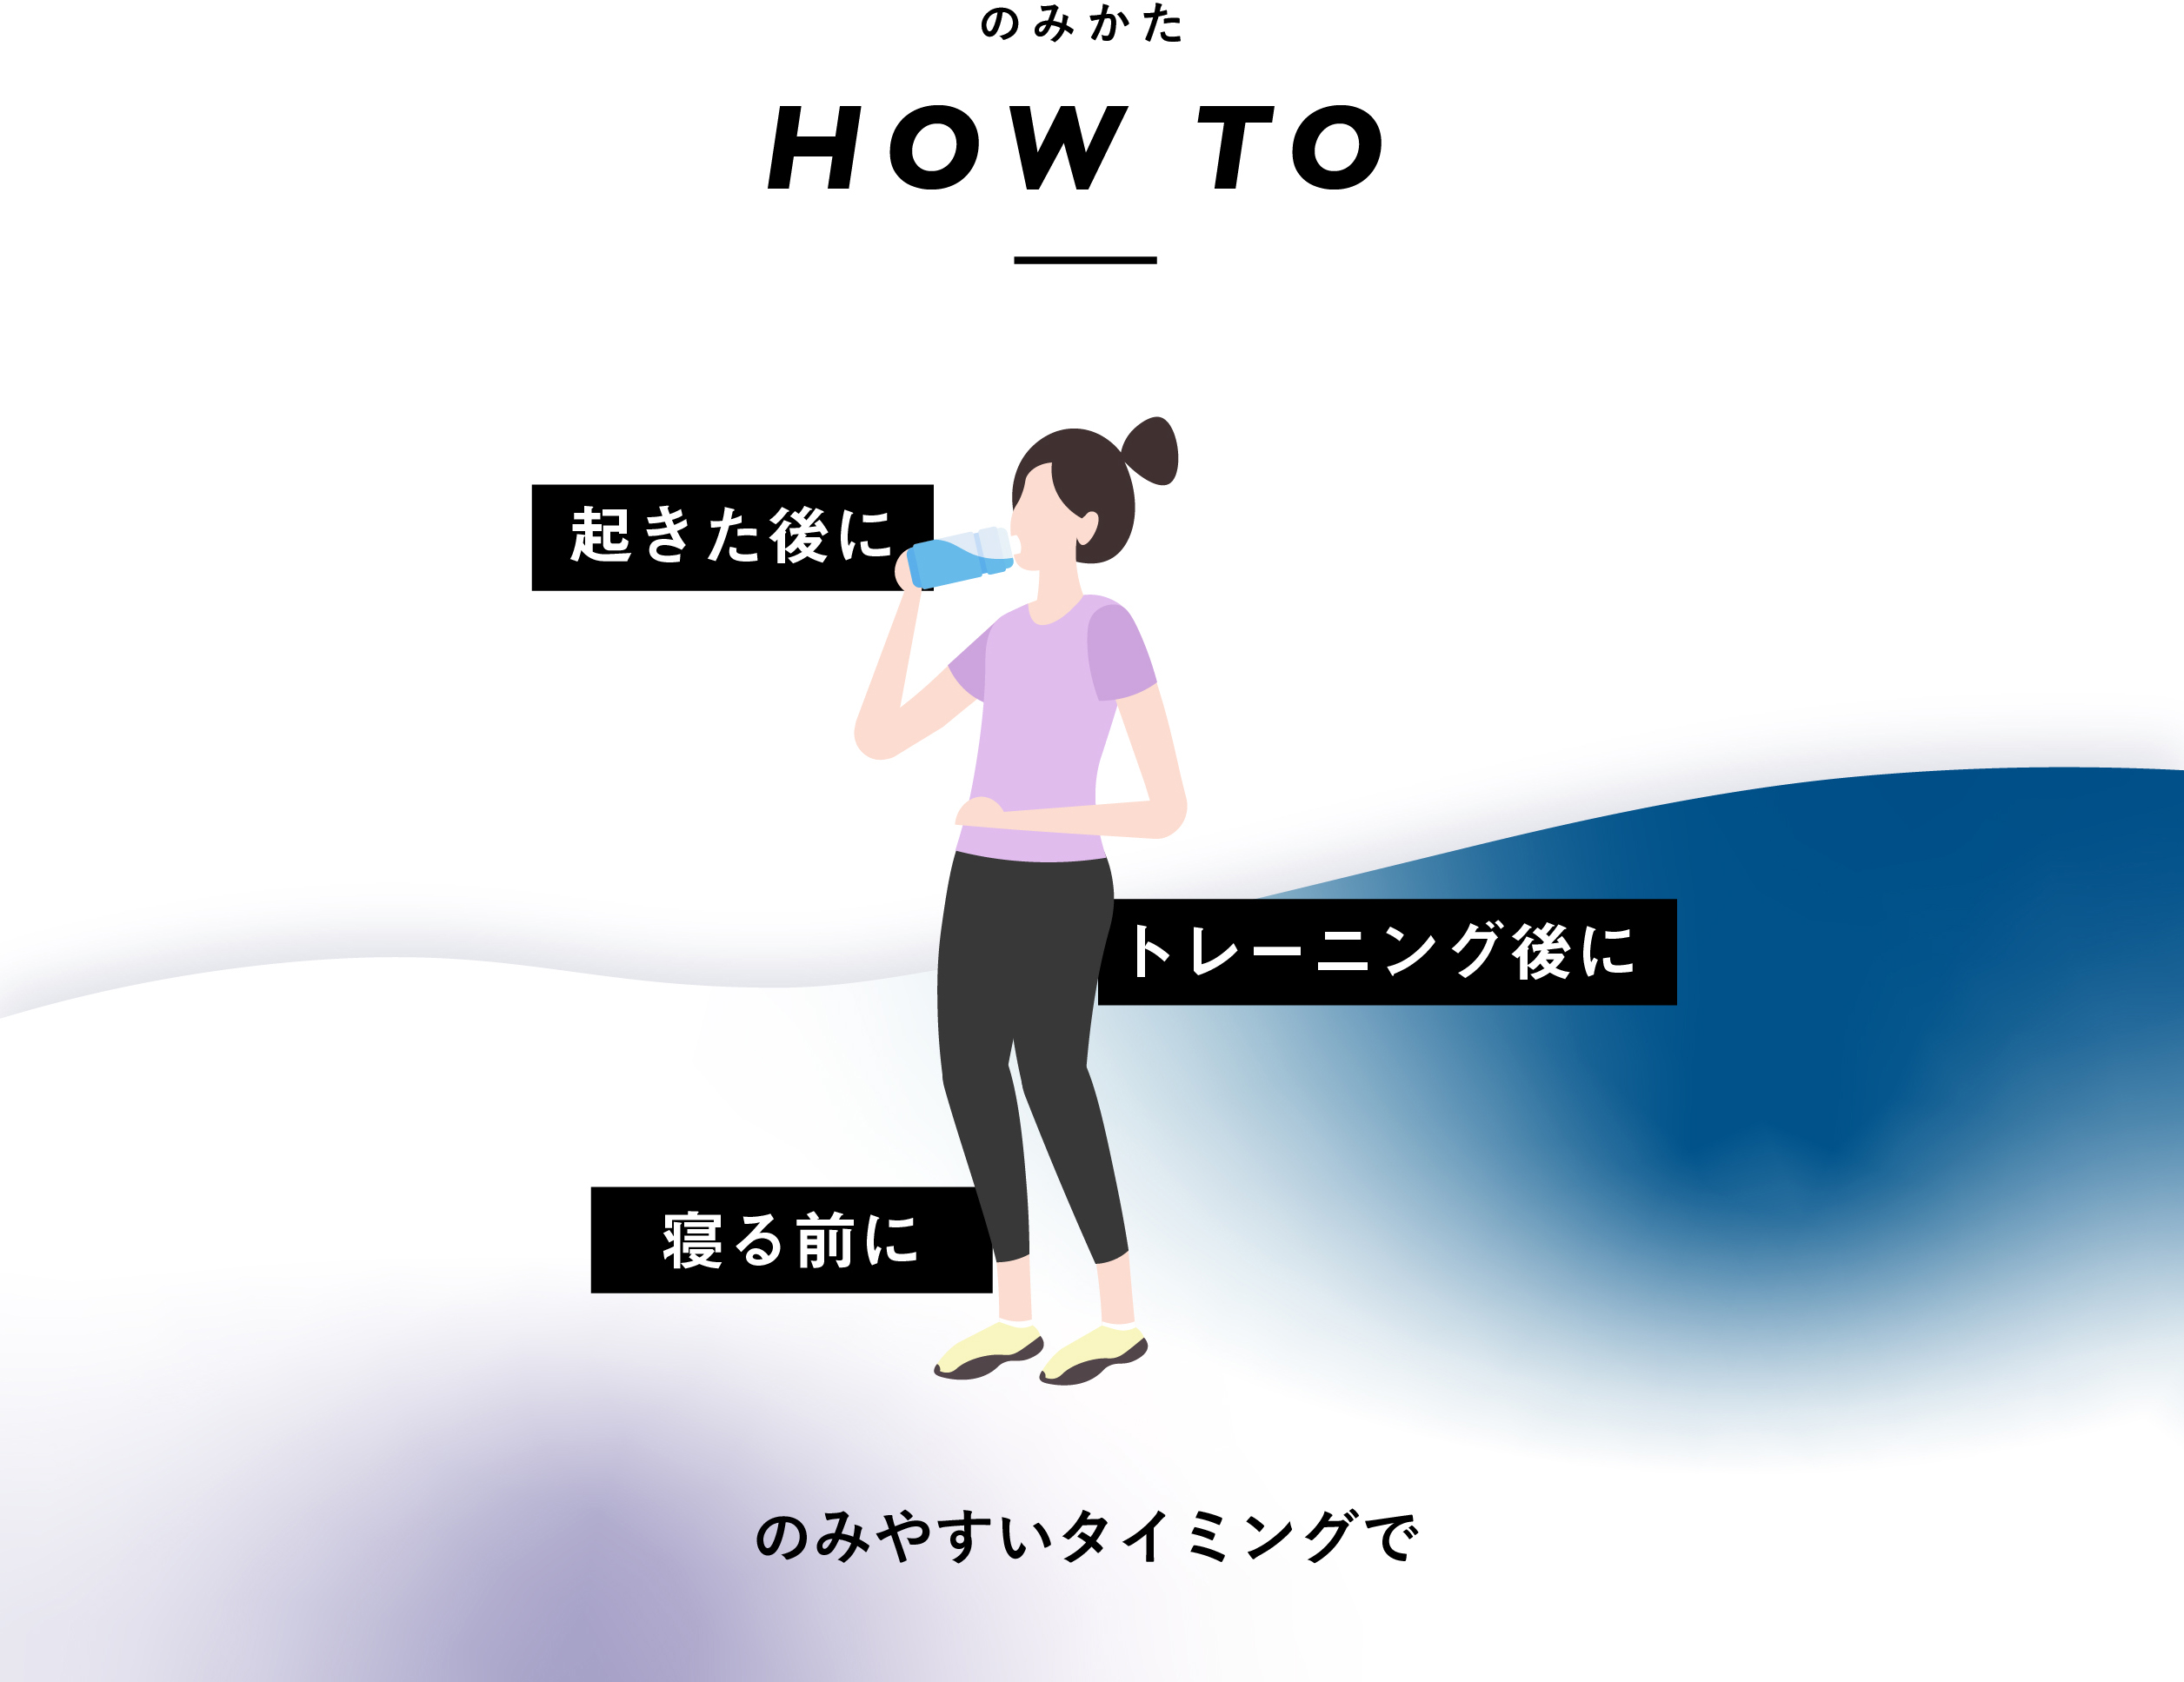 朝起きた後に、トレーニング後に、寝る前に、のみやすいタイミングで